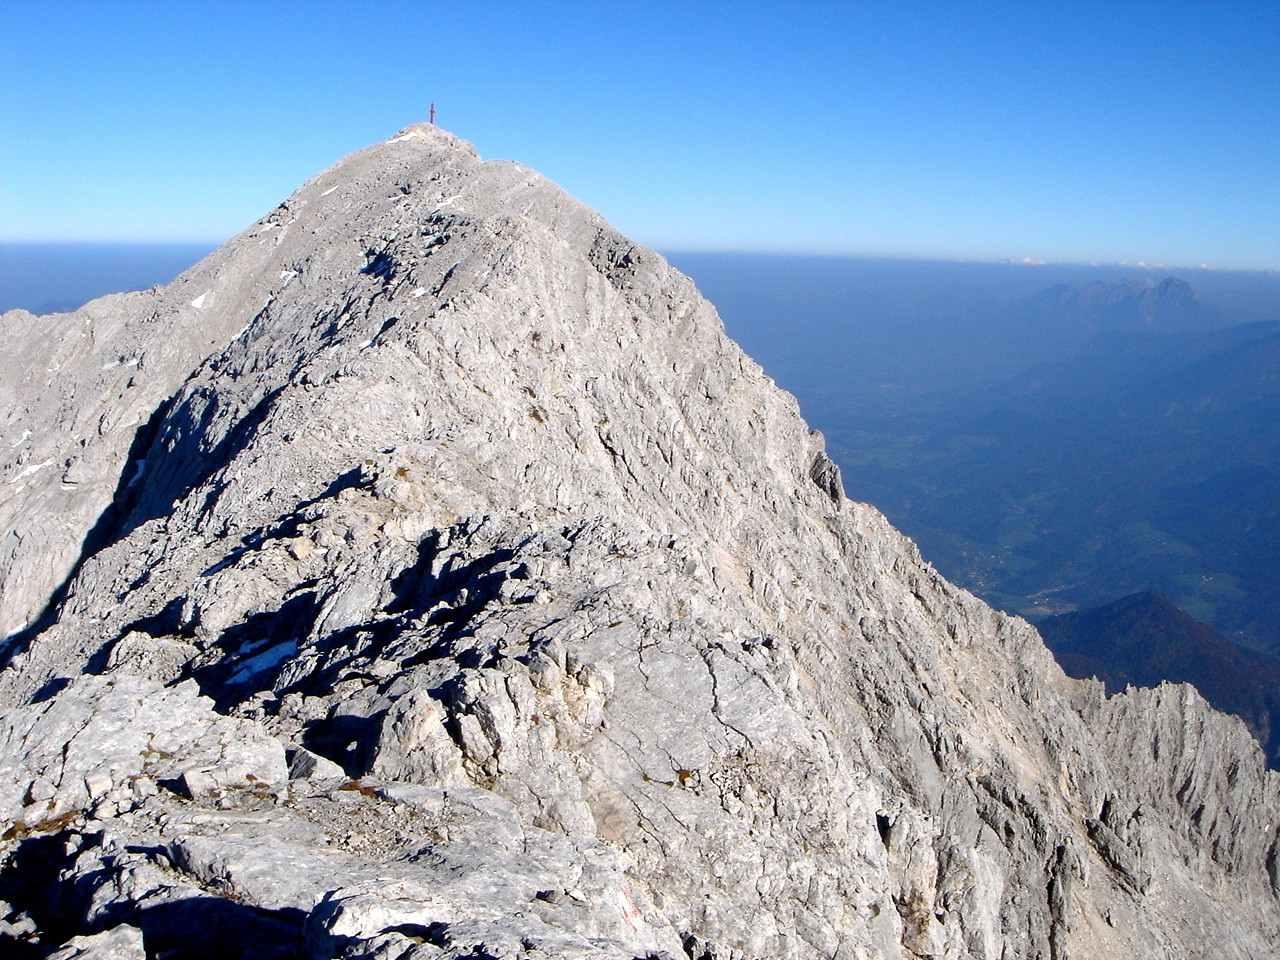 Foto: Manfred Karl / Wander Tour / Über den Großen Priel auf den Temelberg / Gipfelgrat am Priel / 17.06.2007 07:31:52